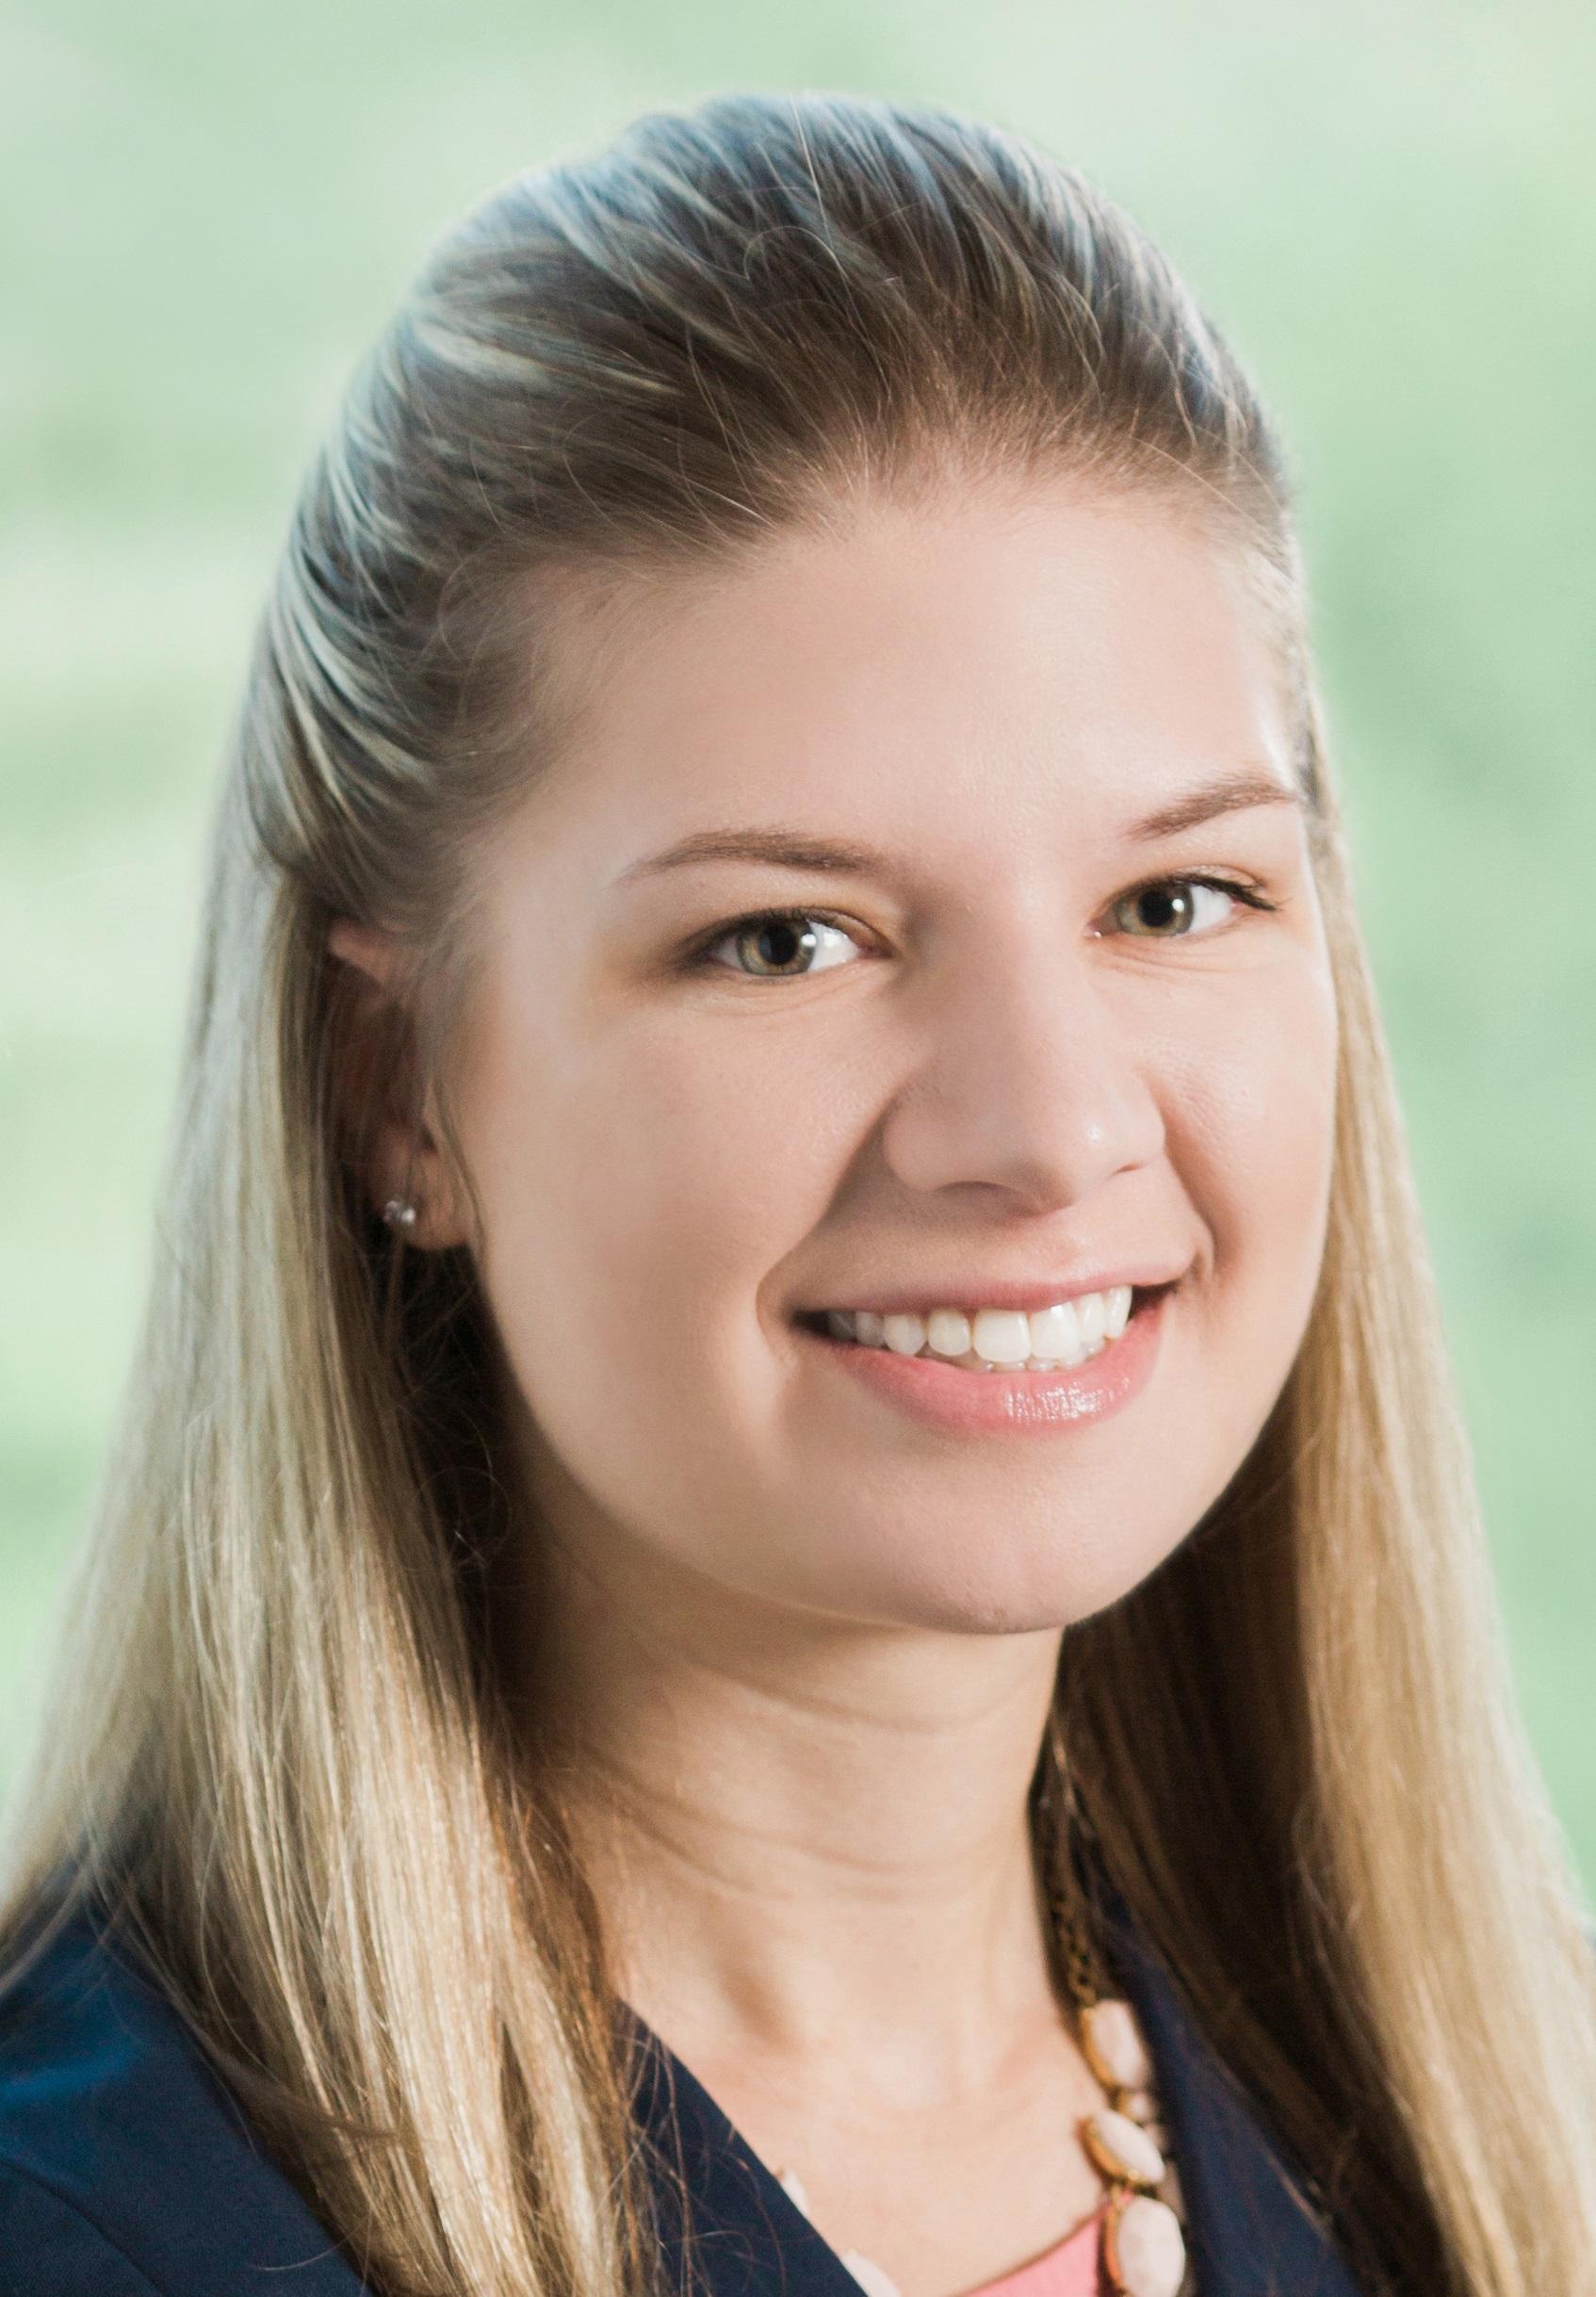 EmilySchmidt-Vert-CROP.JPG#asset:34482